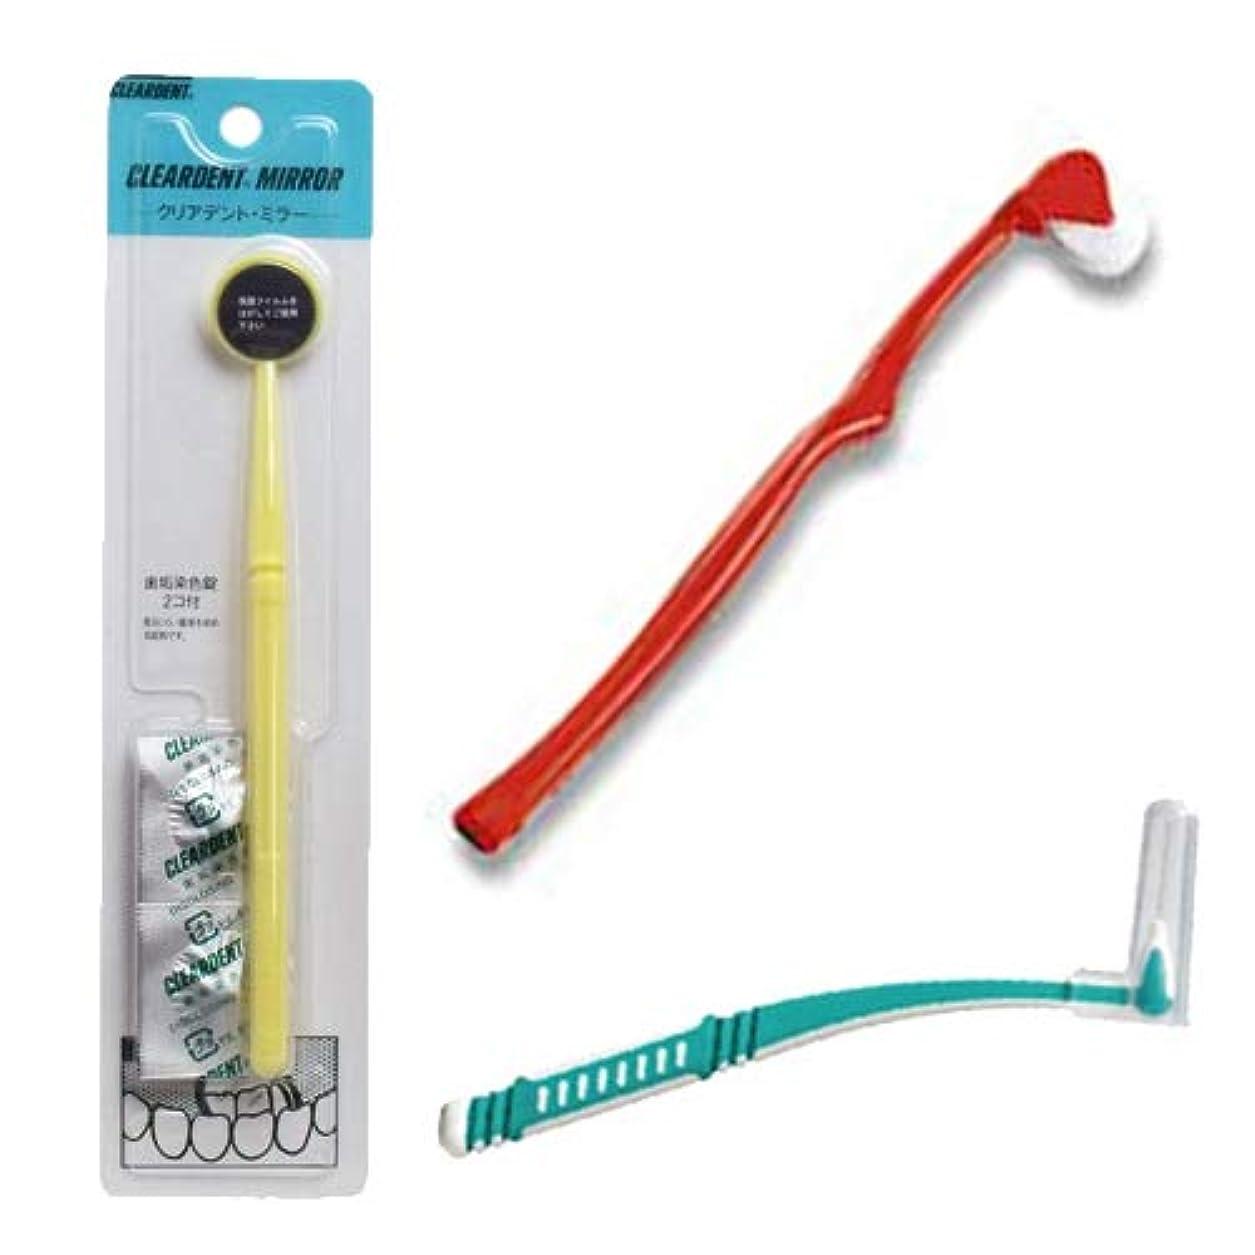 ブレーキサラミクリアデント ミラー 歯垢染色錠2個付×1個 カラーはおまかせ + コロコロブラシ コロコロ歯ブラシ 単色(カラーはおまかせ) + L字型歯間ブラシ(個包装)